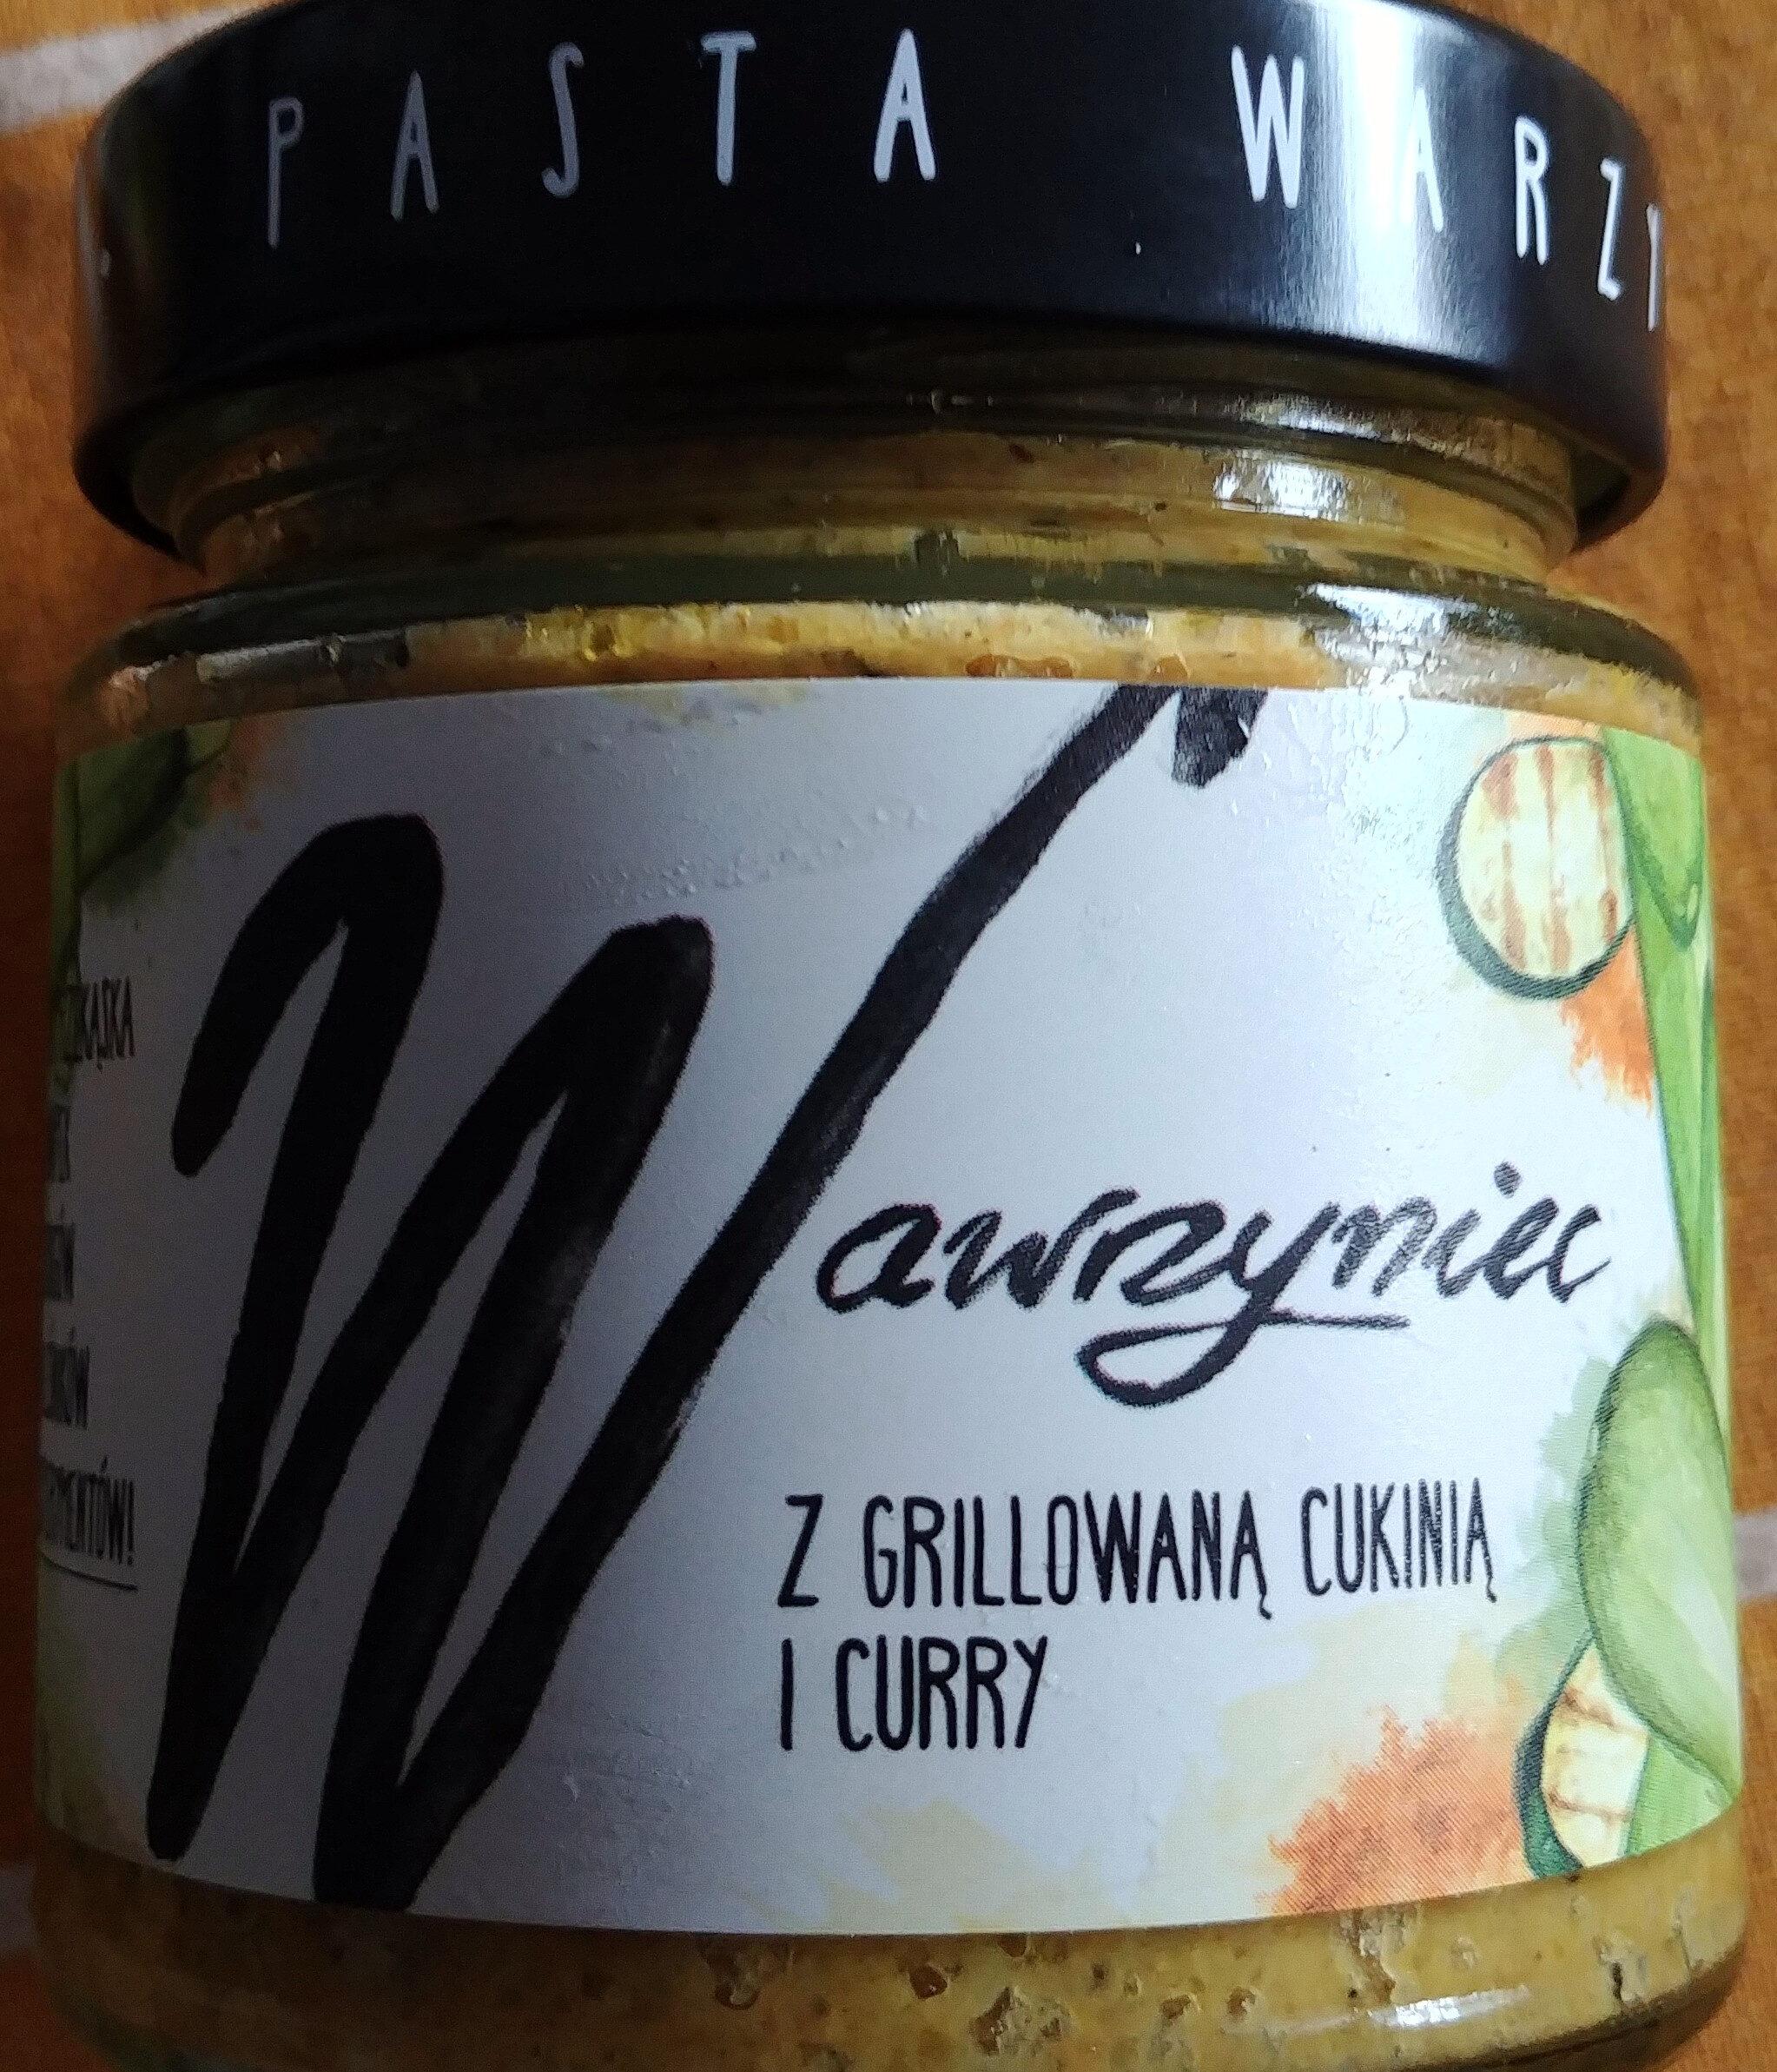 Pasta warzywna z grillowaną cukinią i curry - Produkt - pl